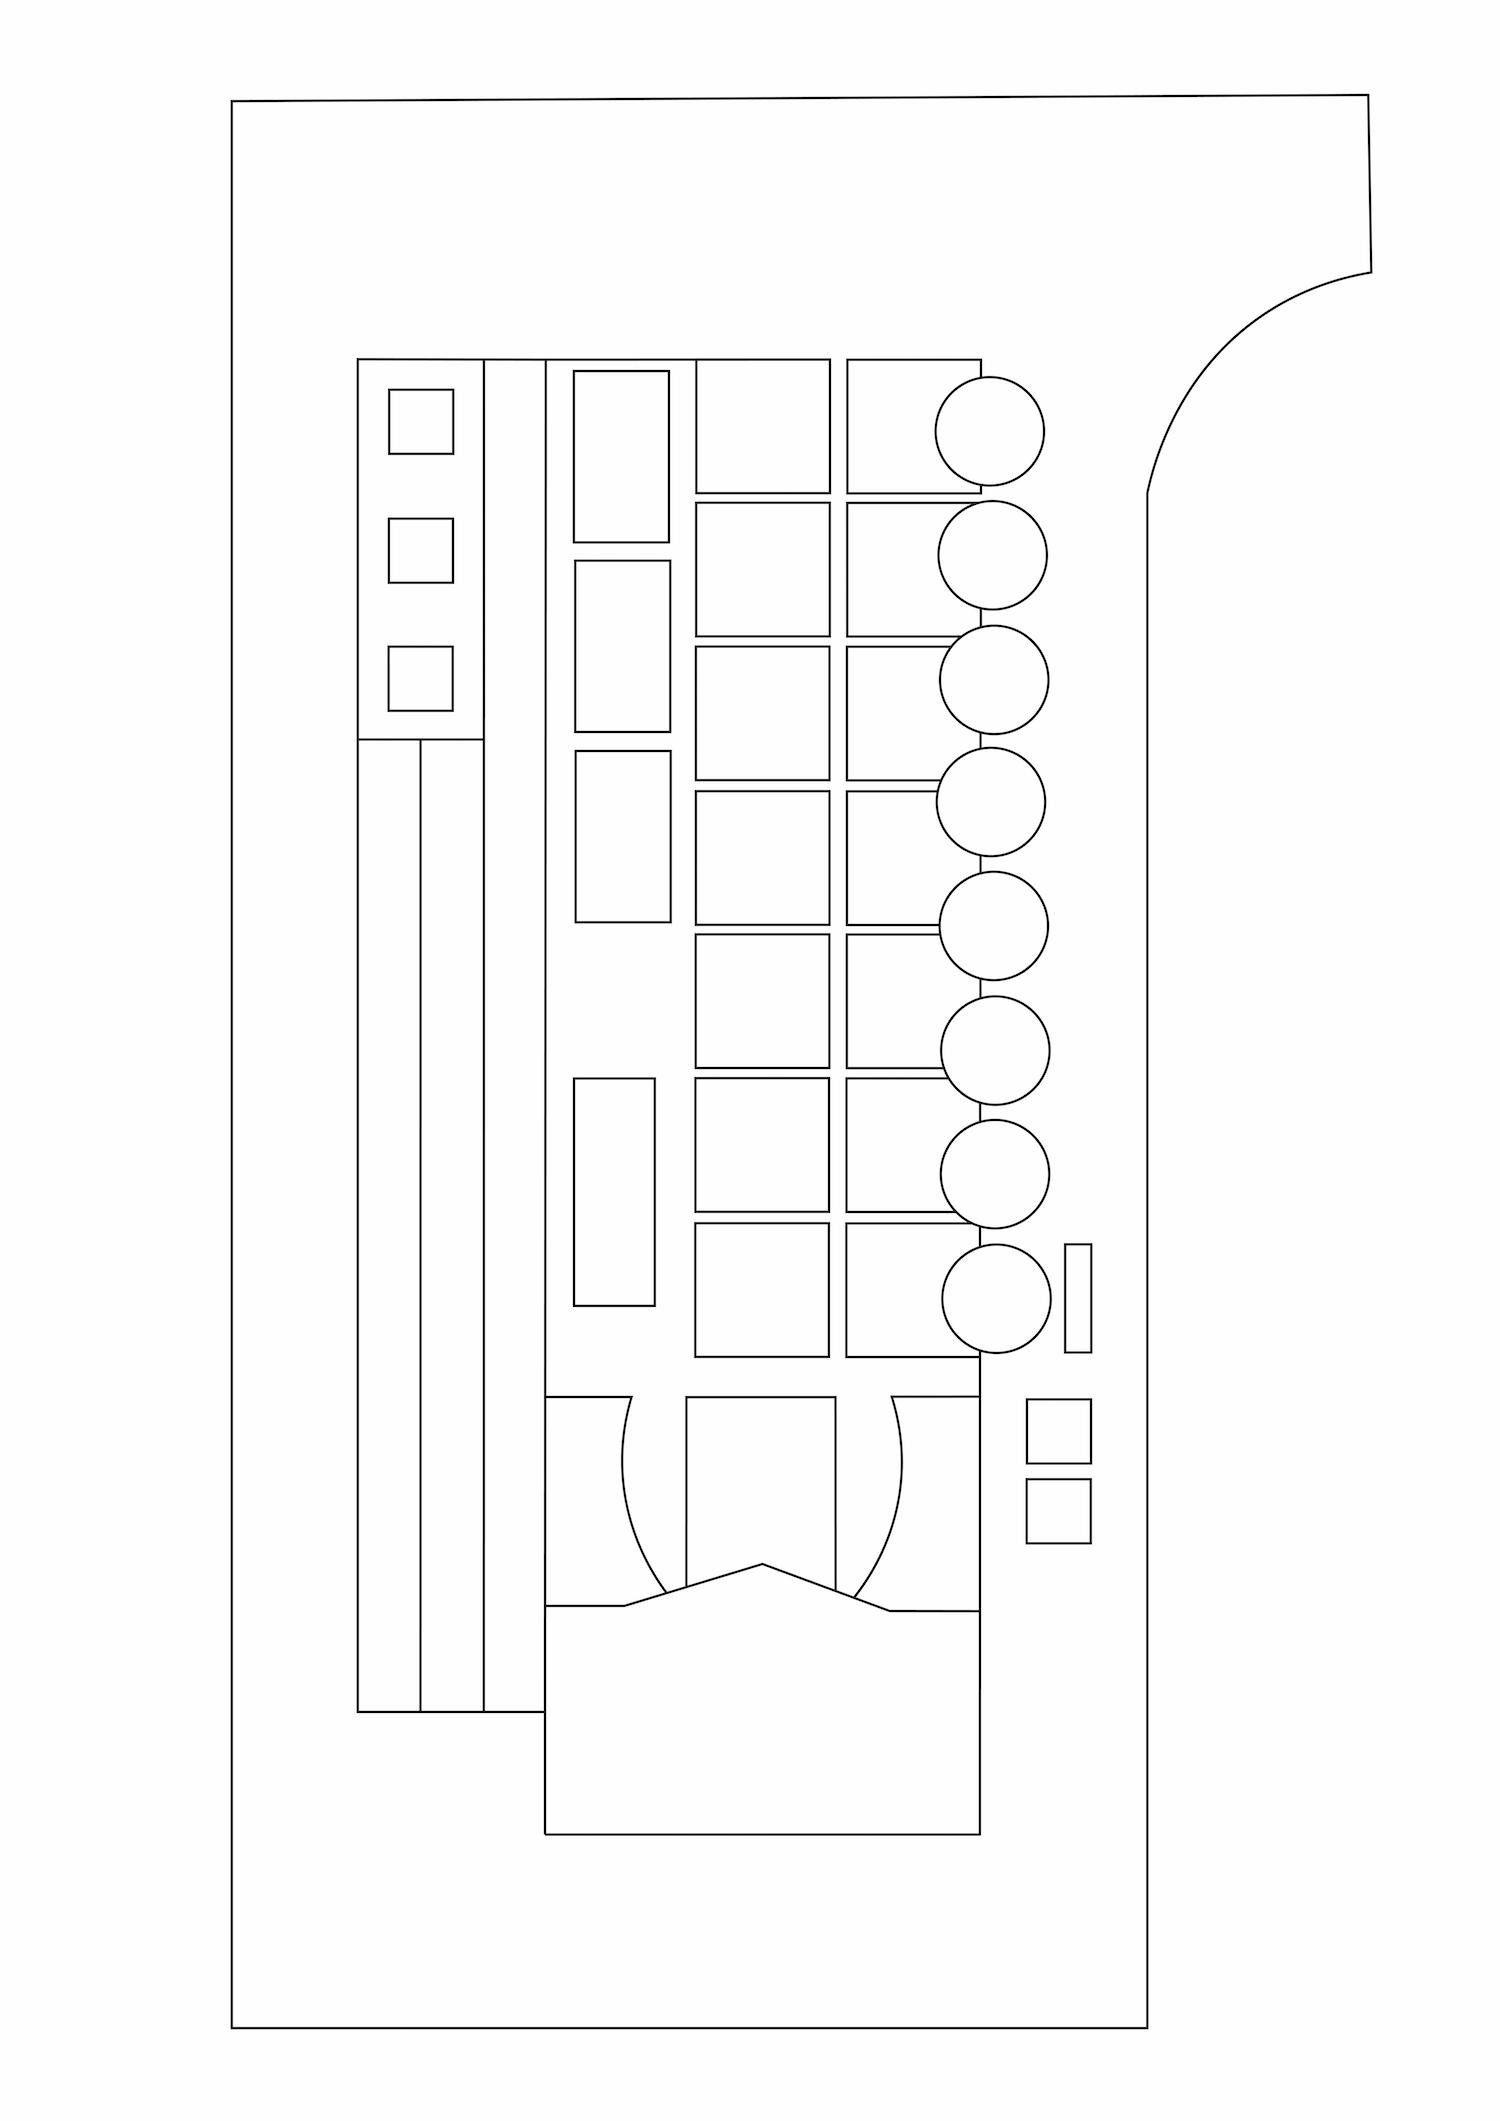 40_Zeichenfläche 1.jpg